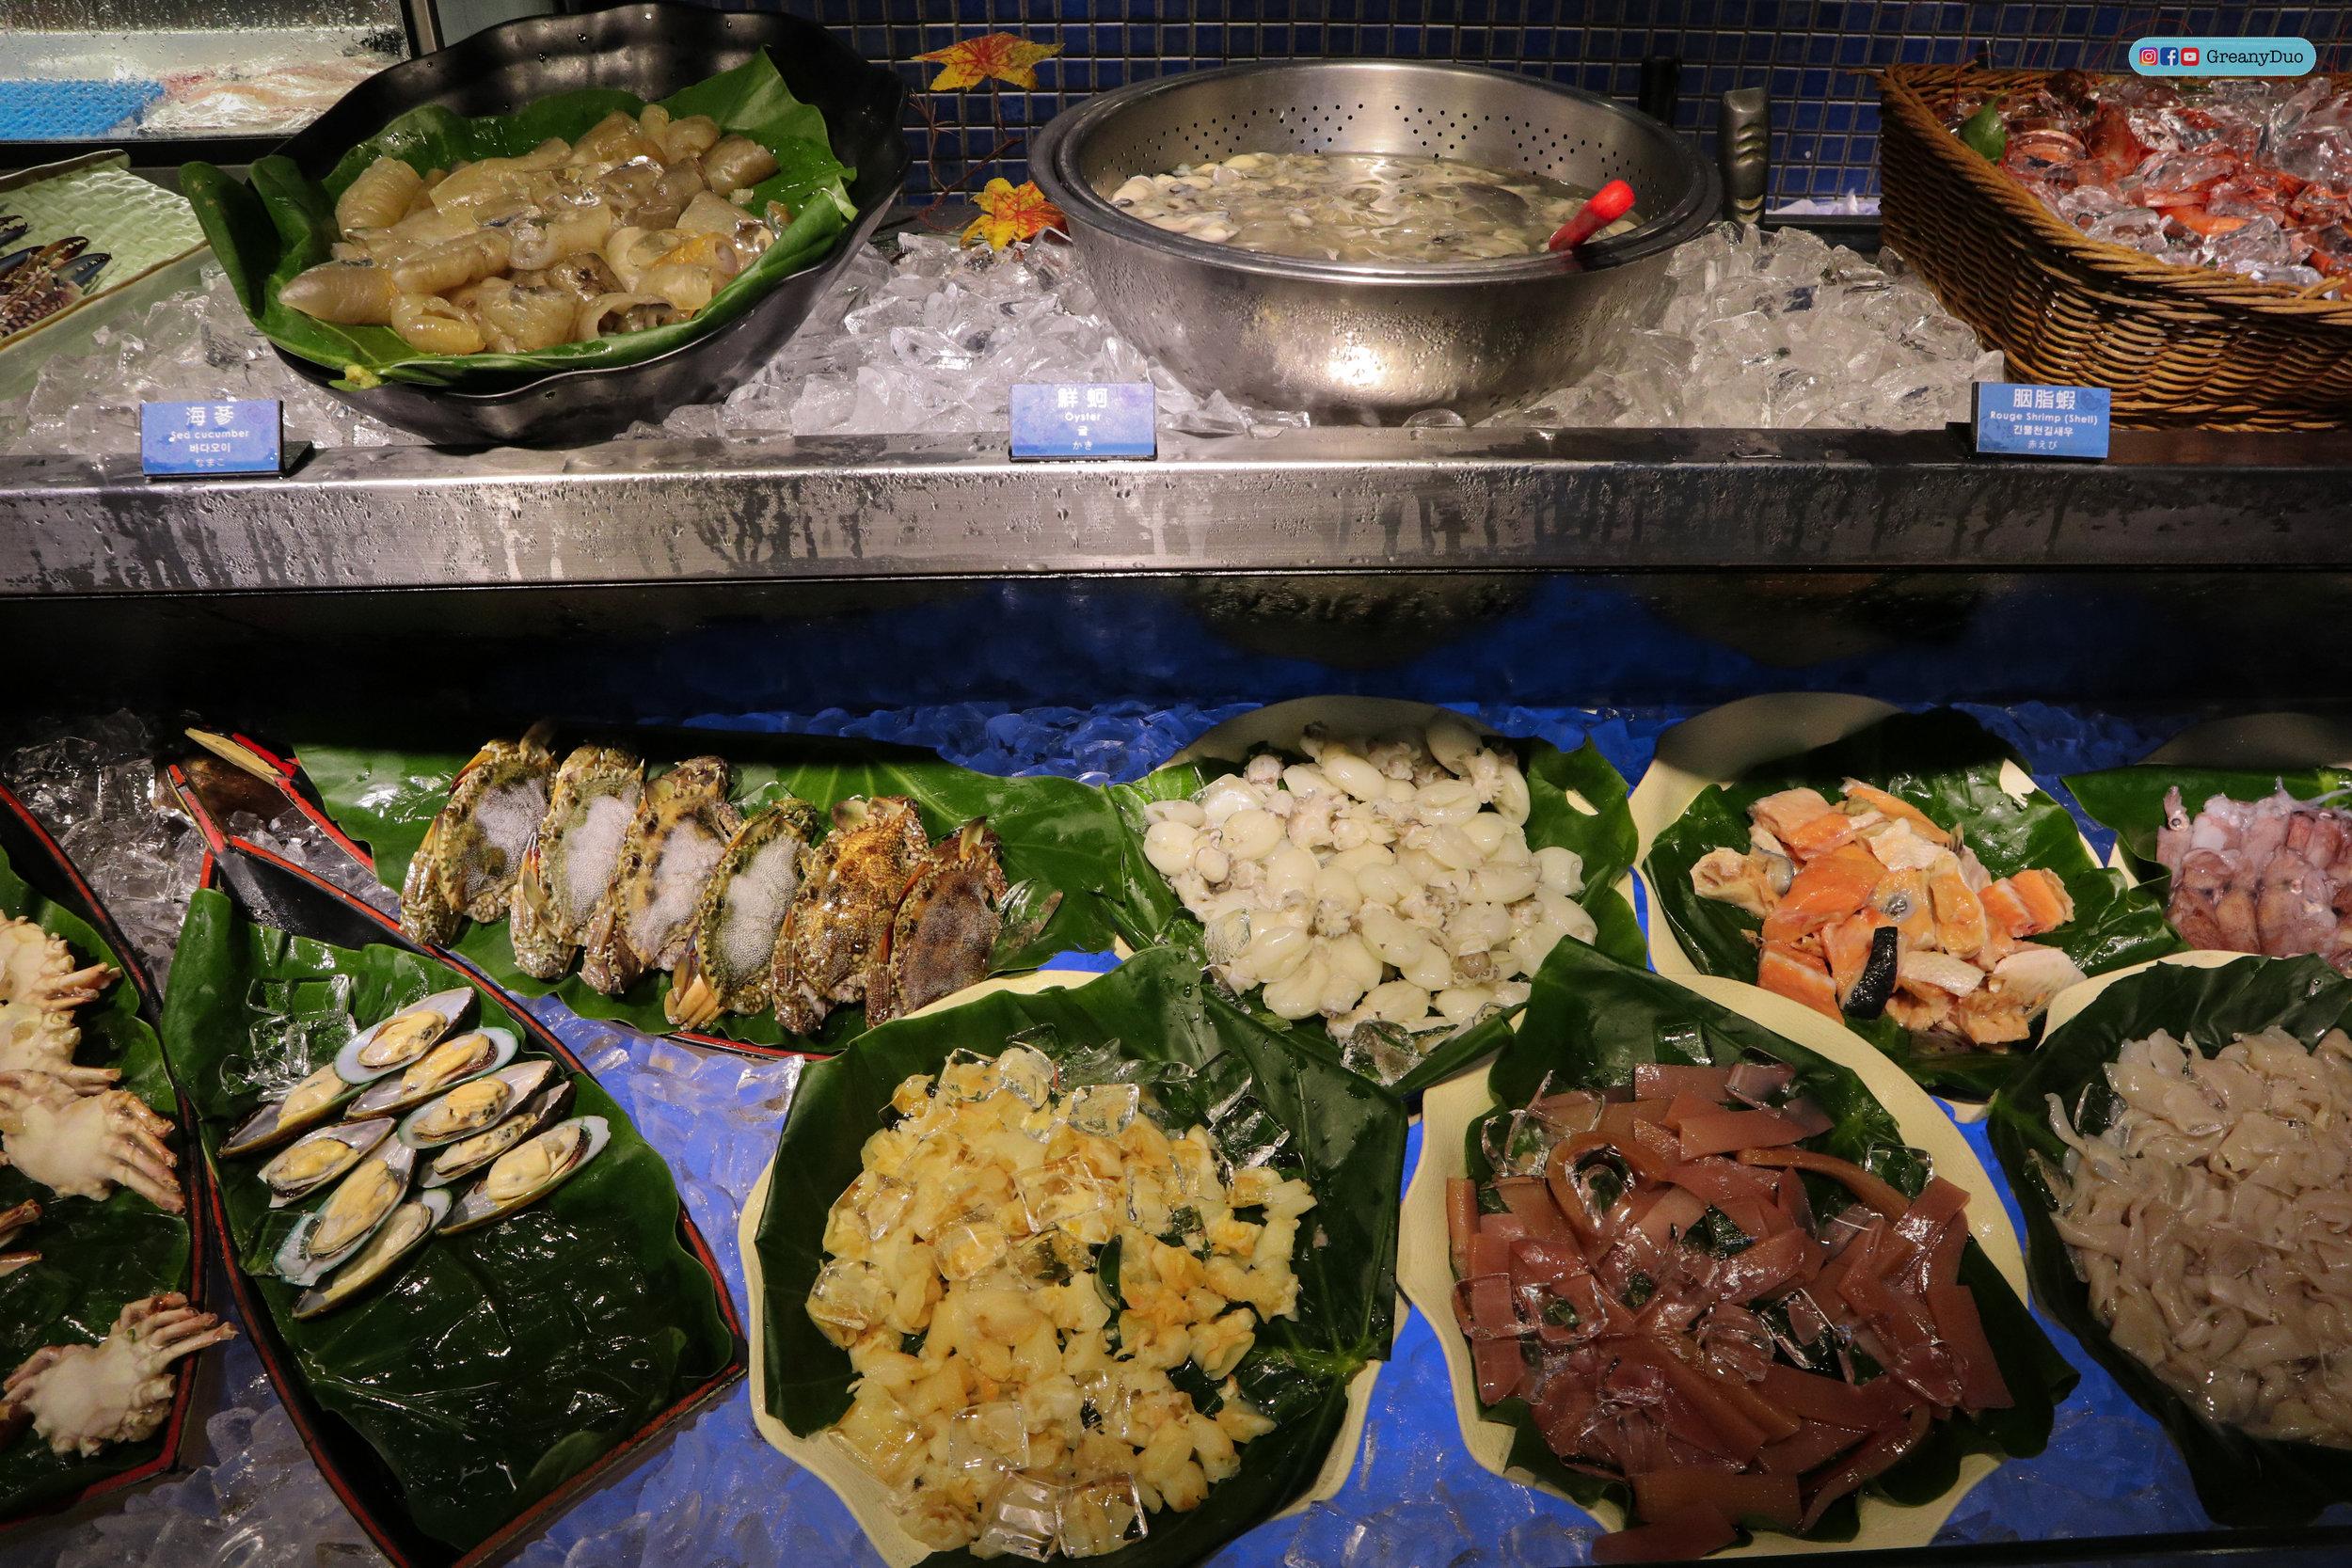 seafood bar at บุฟเฟ่ต์ชาบูไต้หวันที่ Hakkai Shabu Shabu ซีเหมินติง